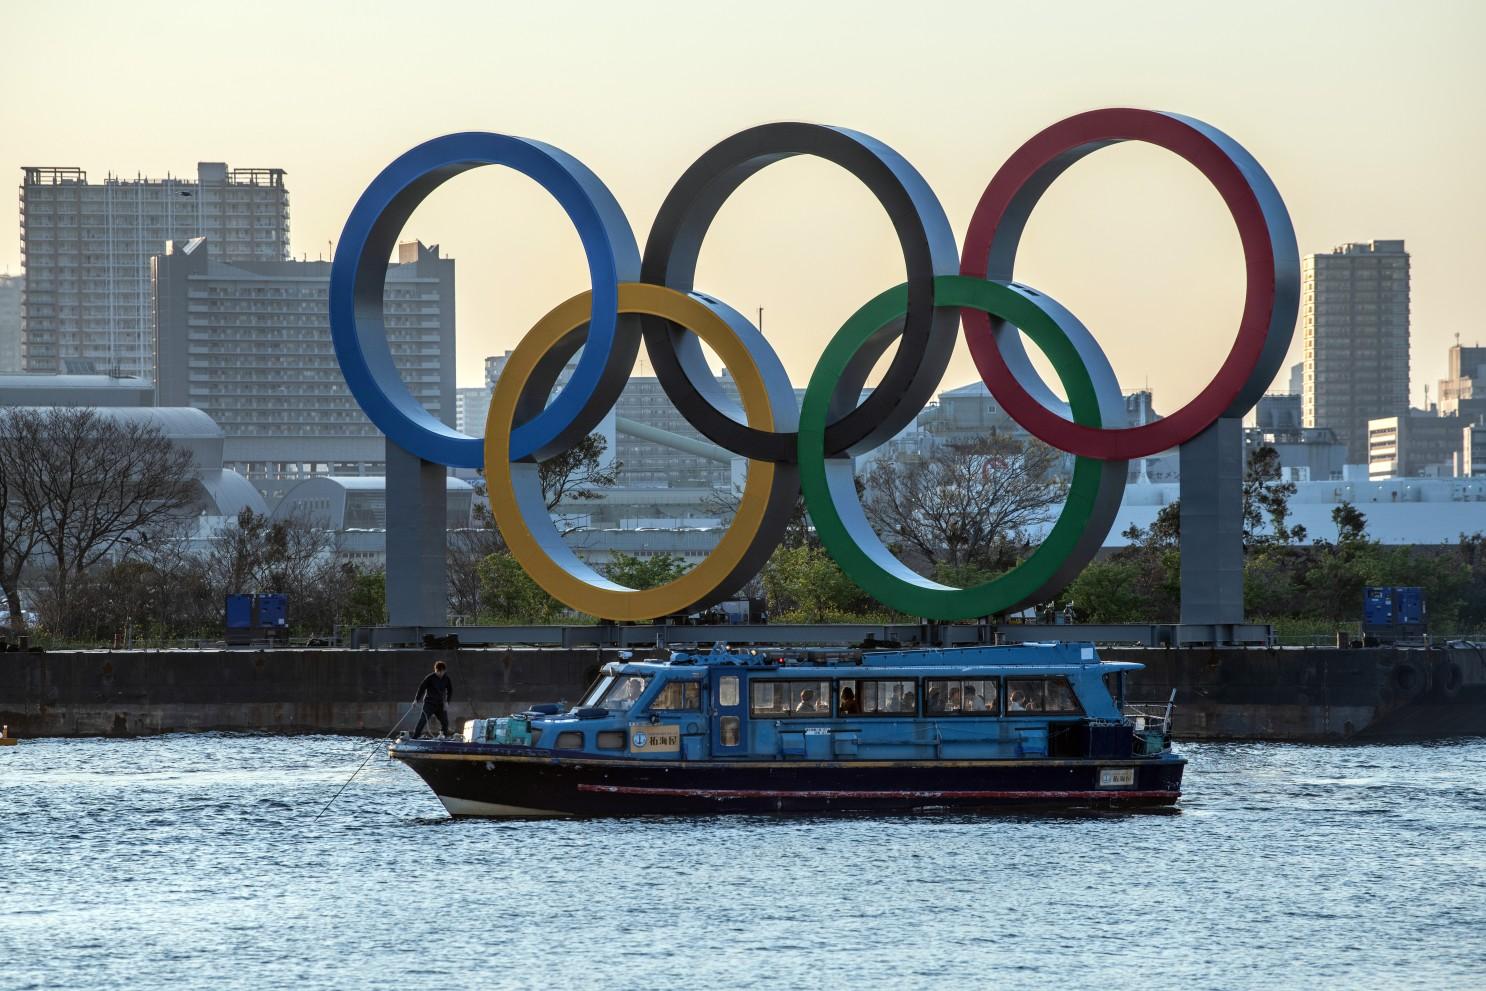 टोक्यो के गवर्नर बोले-अगले साल ओलिंपिक जापान में ही होंगे, तैयारियां पूरी|स्पोर्ट्स,Sports - Dainik Bhaskar